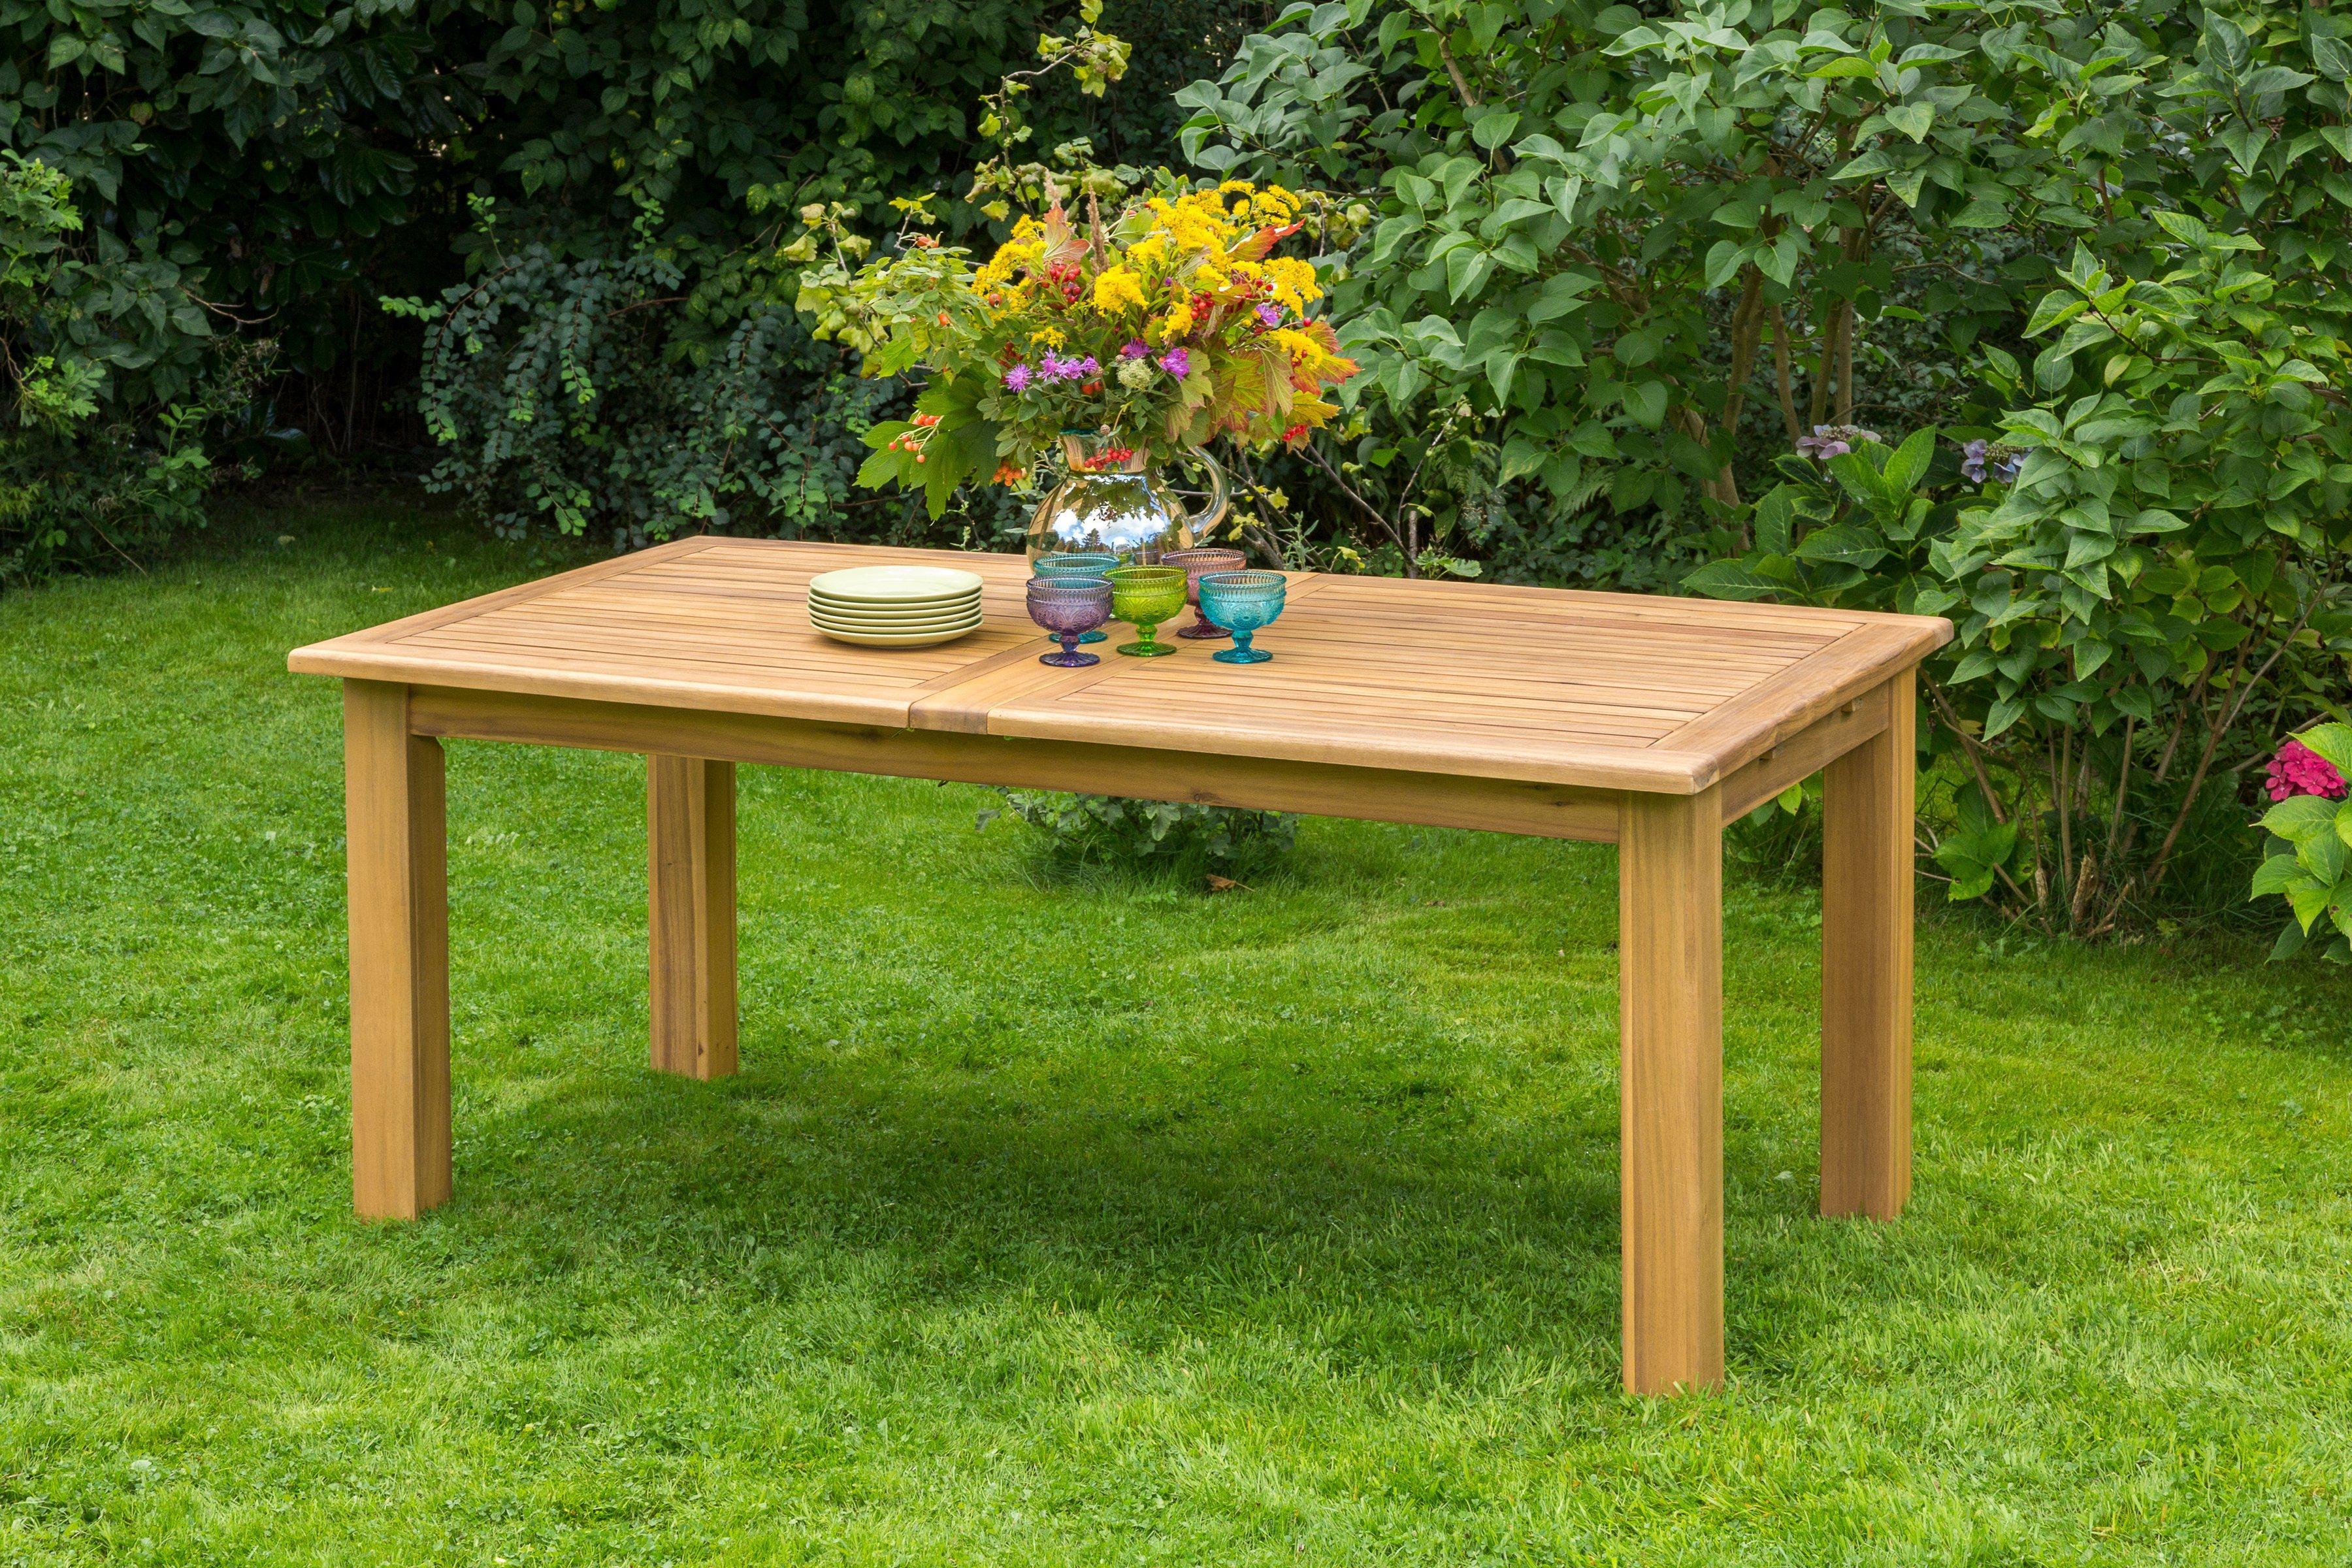 Gartentisch Ausziehbar Preisvergleich Die Besten Angebote Online